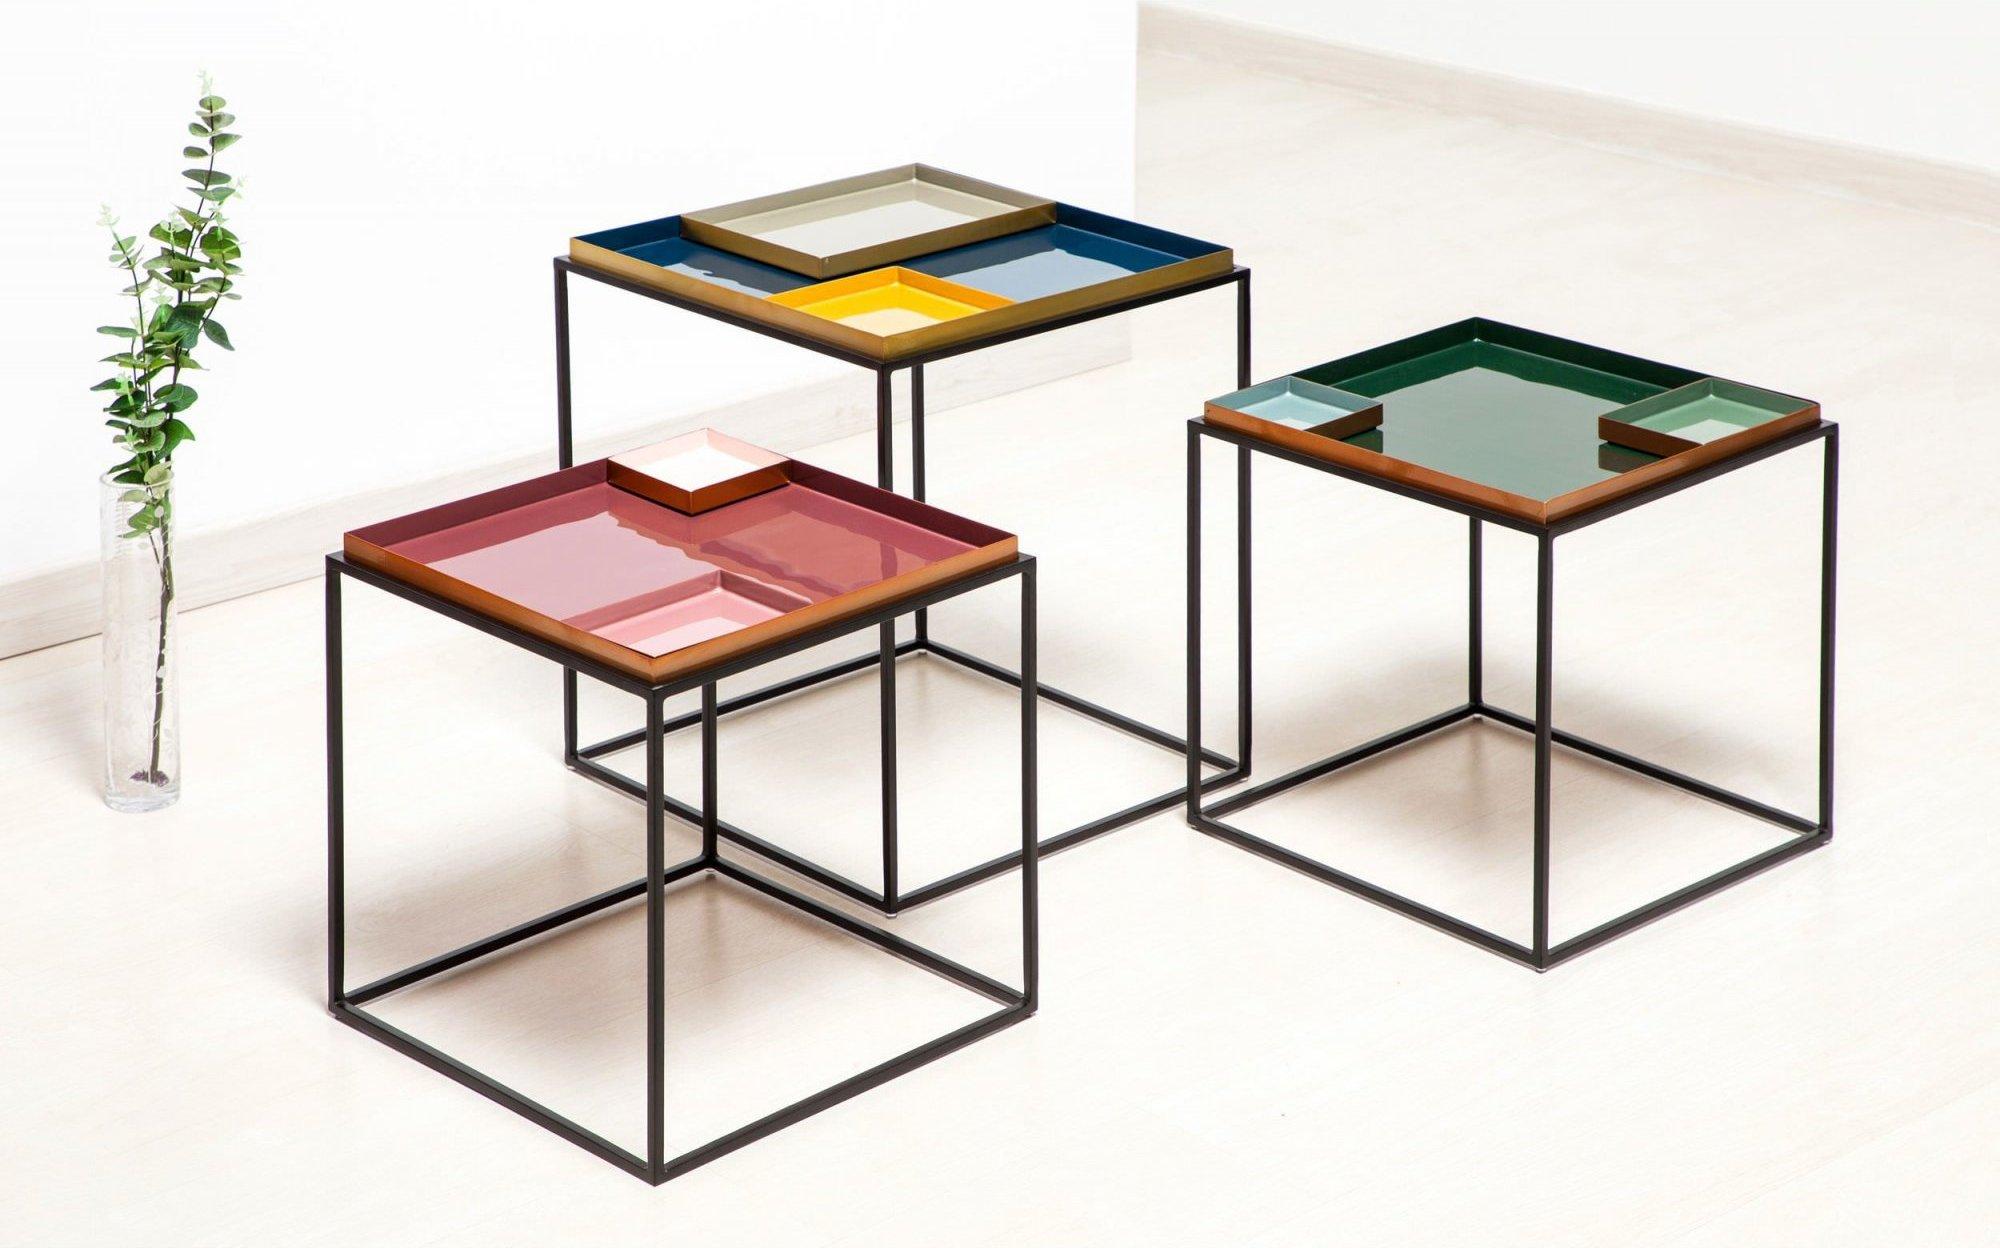 Table d'appoint carré couleur vert l40cm